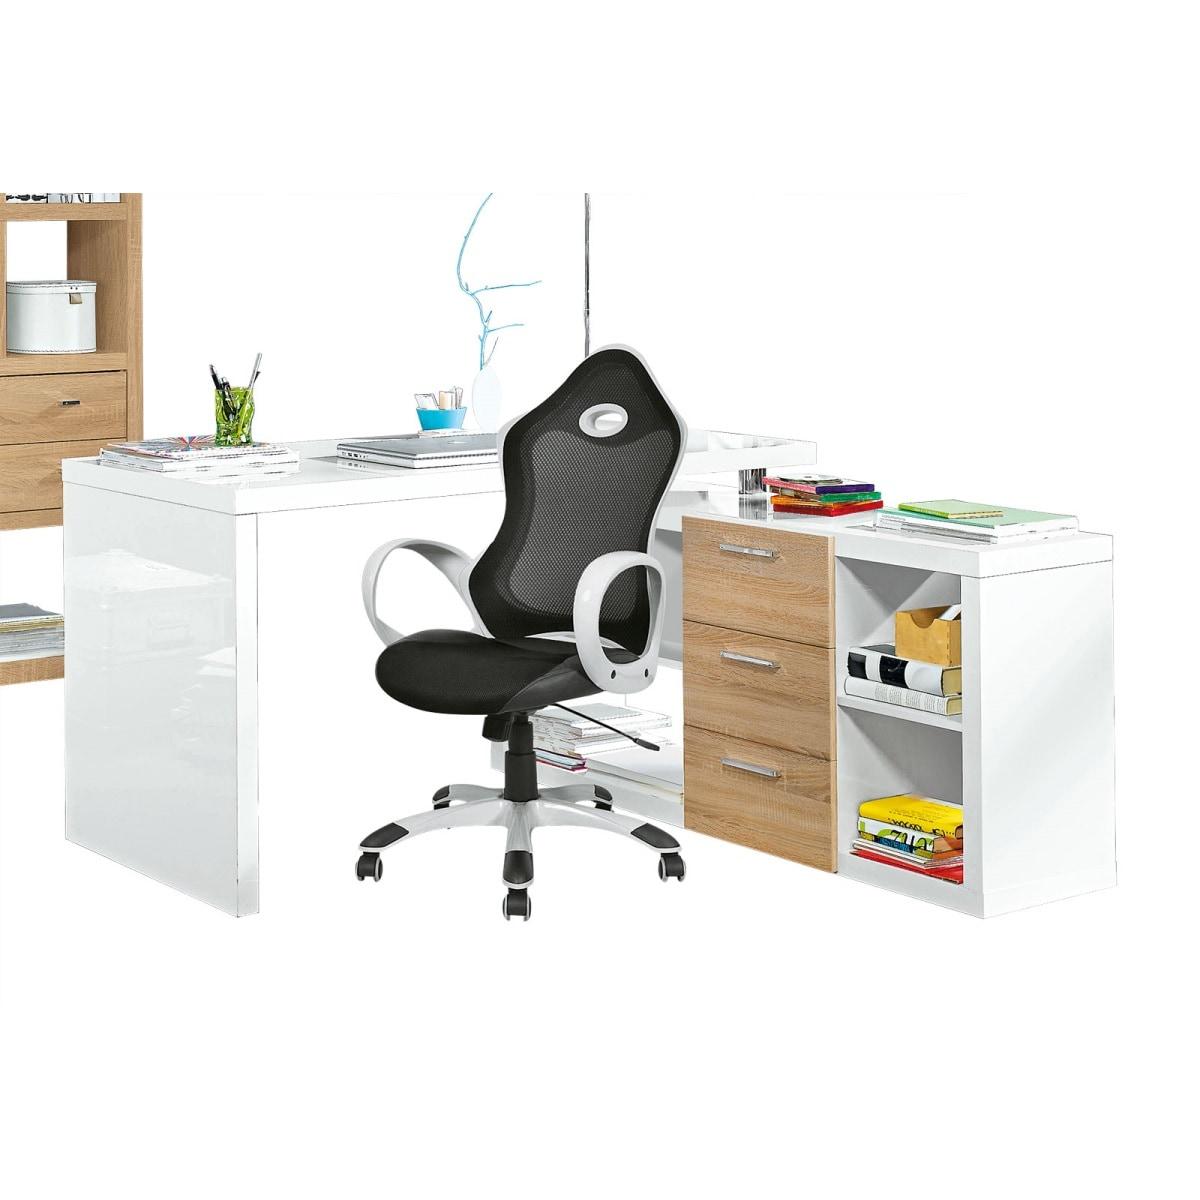 Schreibtisch weiß hochglanz 140  Eck-Schreibtisch mit Regal ANGELINA Hochglanz Weiß ca. 140 x 74 x ...